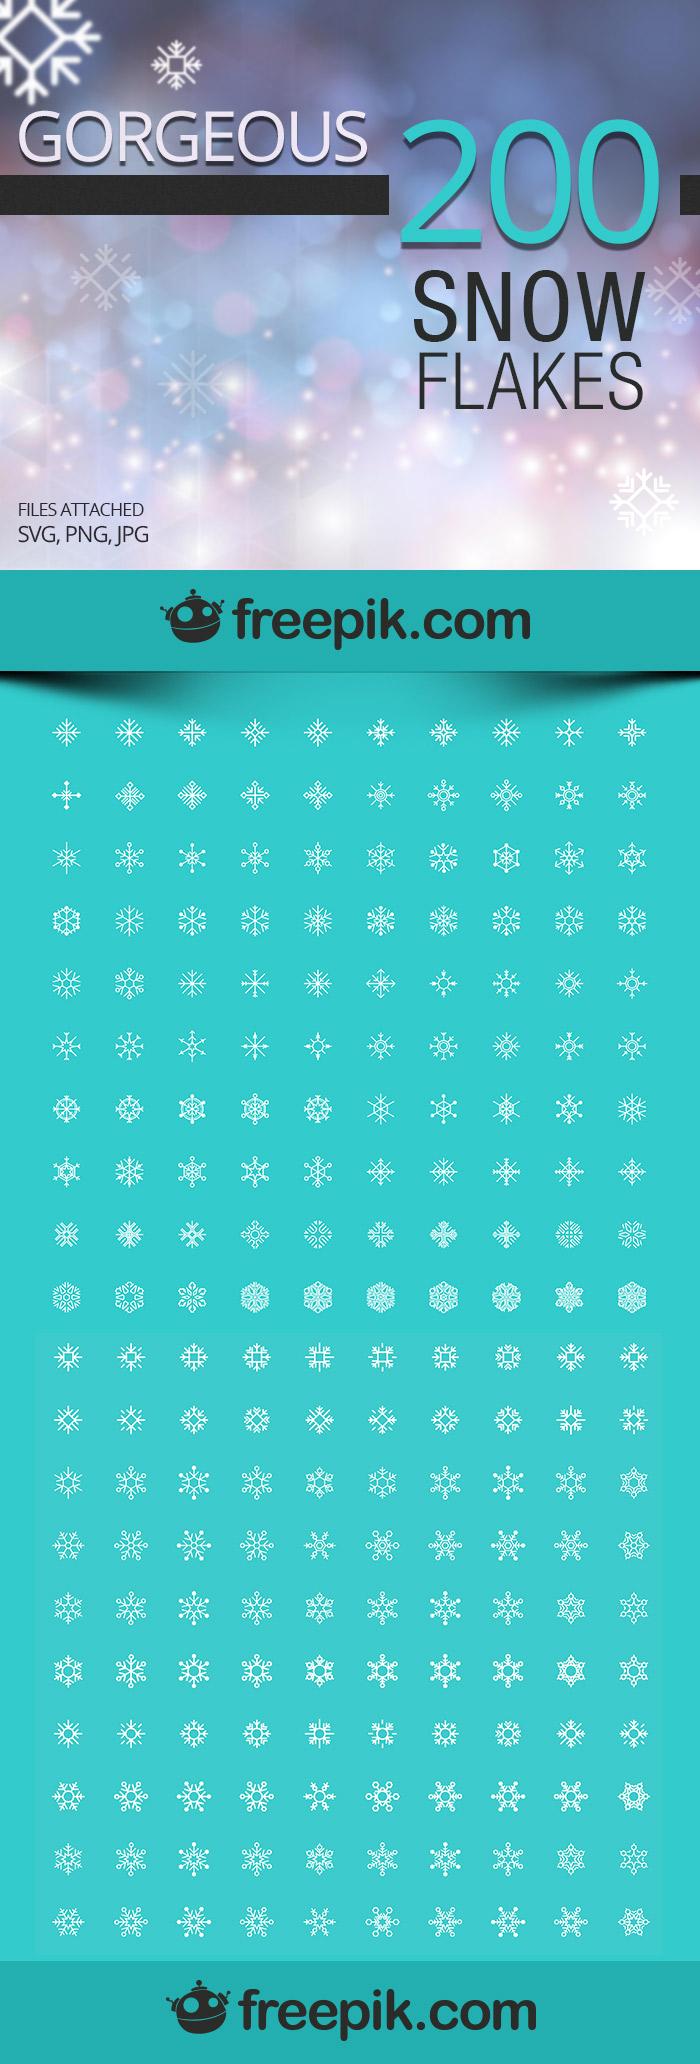 Free Snowflakes Icons